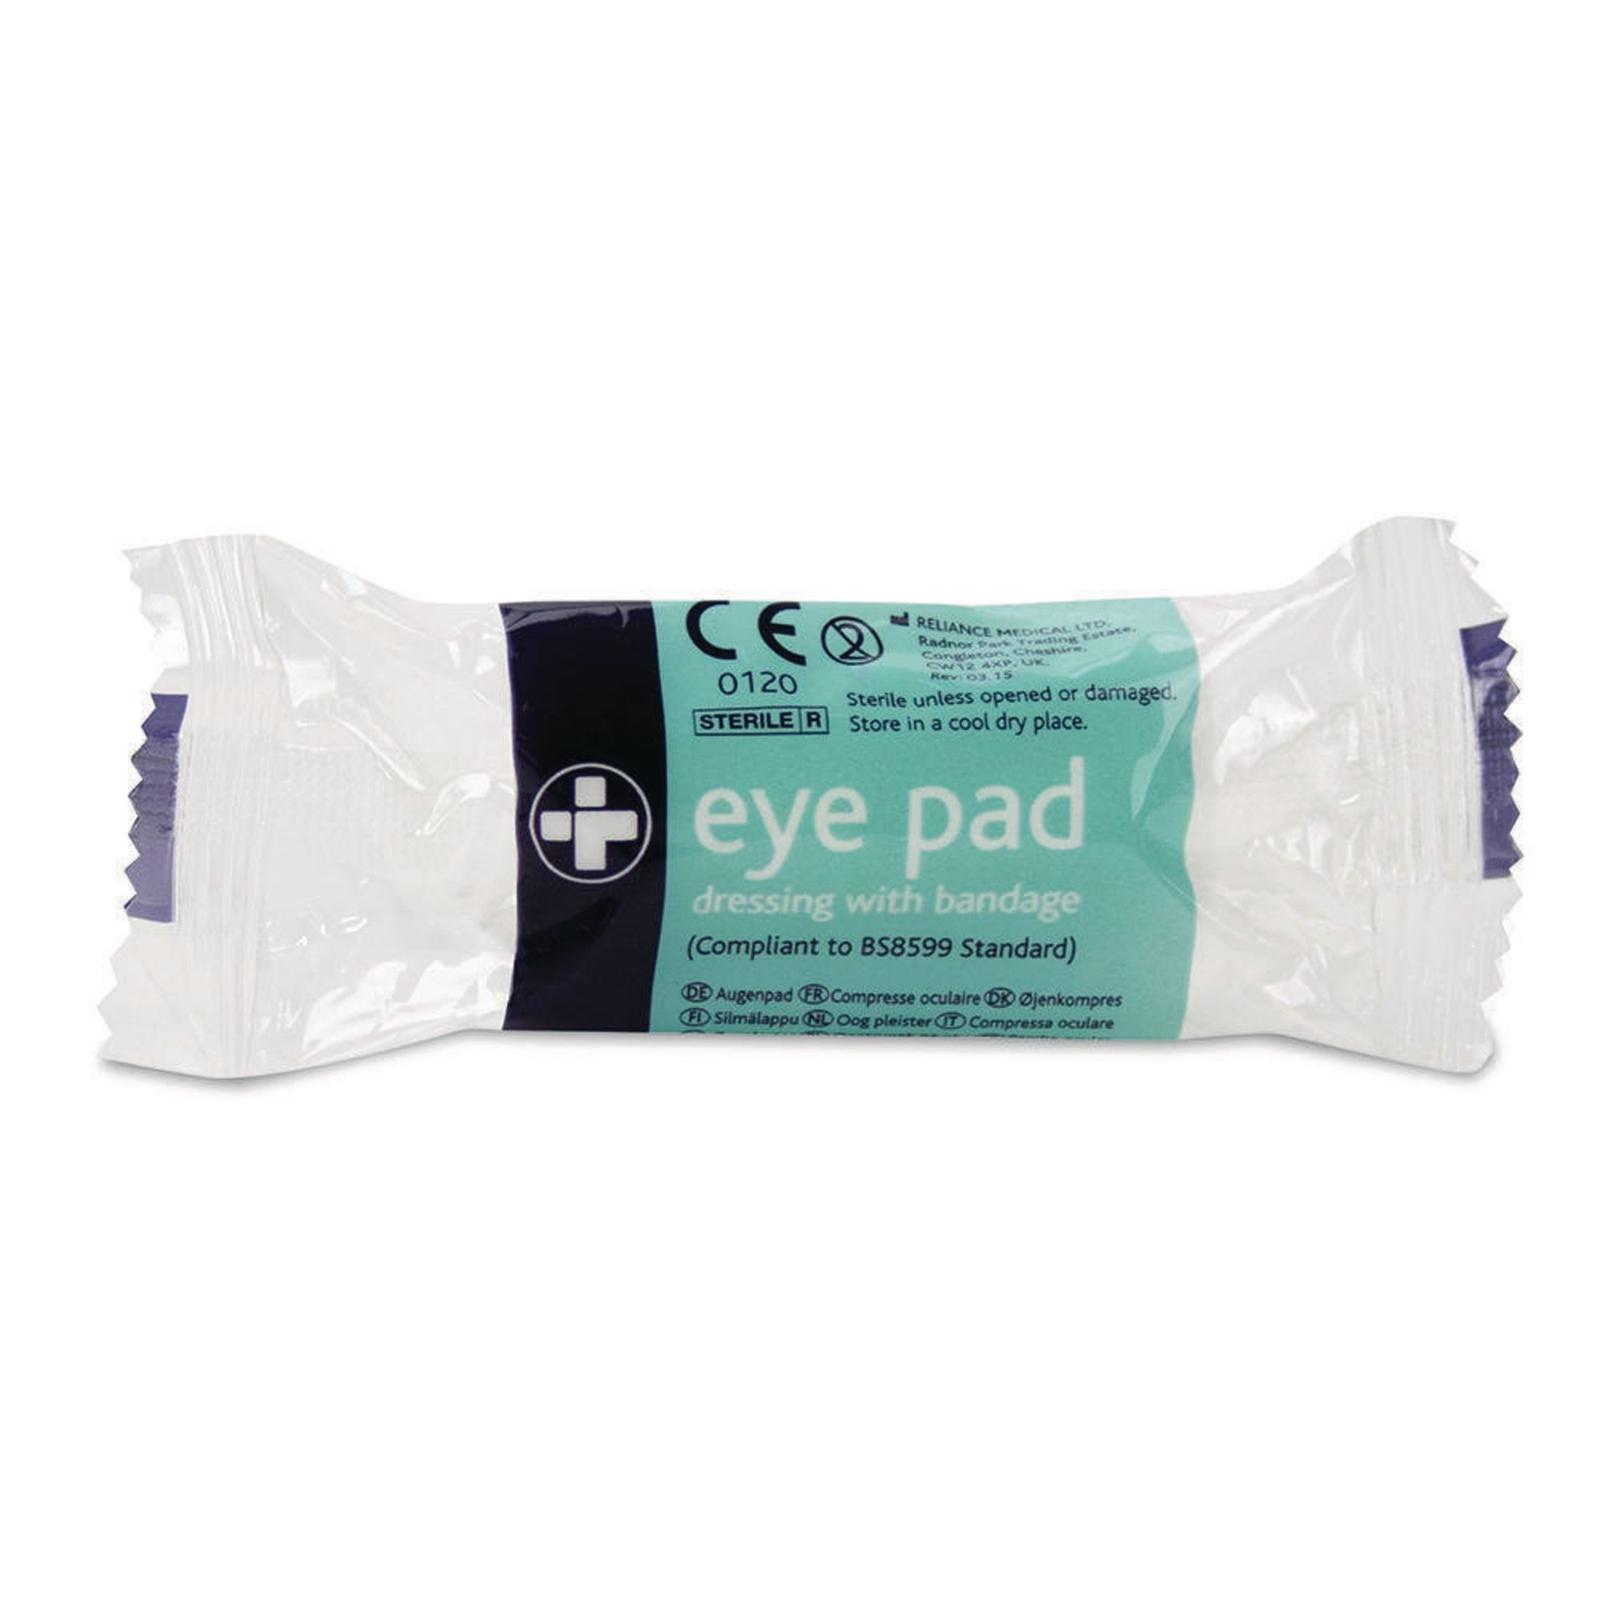 Eye Pad Dressing with Bandage